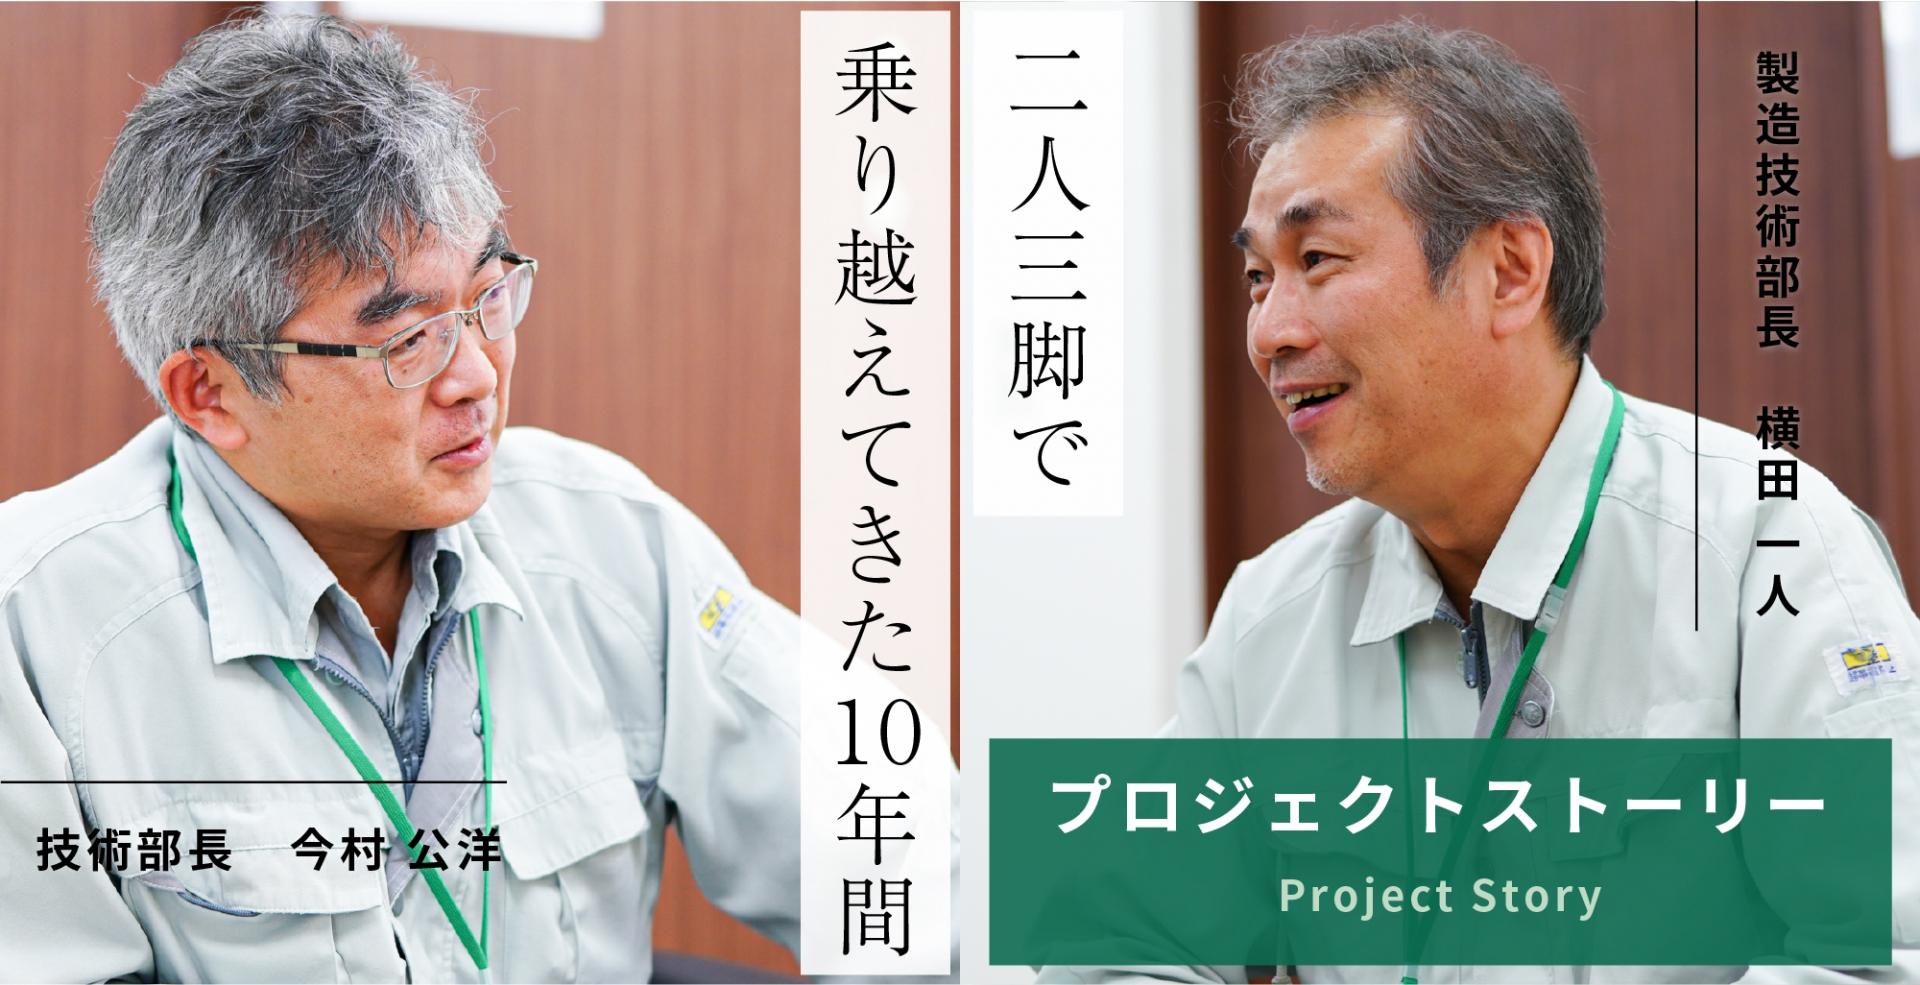 プロジェクトストーリー:二人三脚で乗り越えてきた10年間